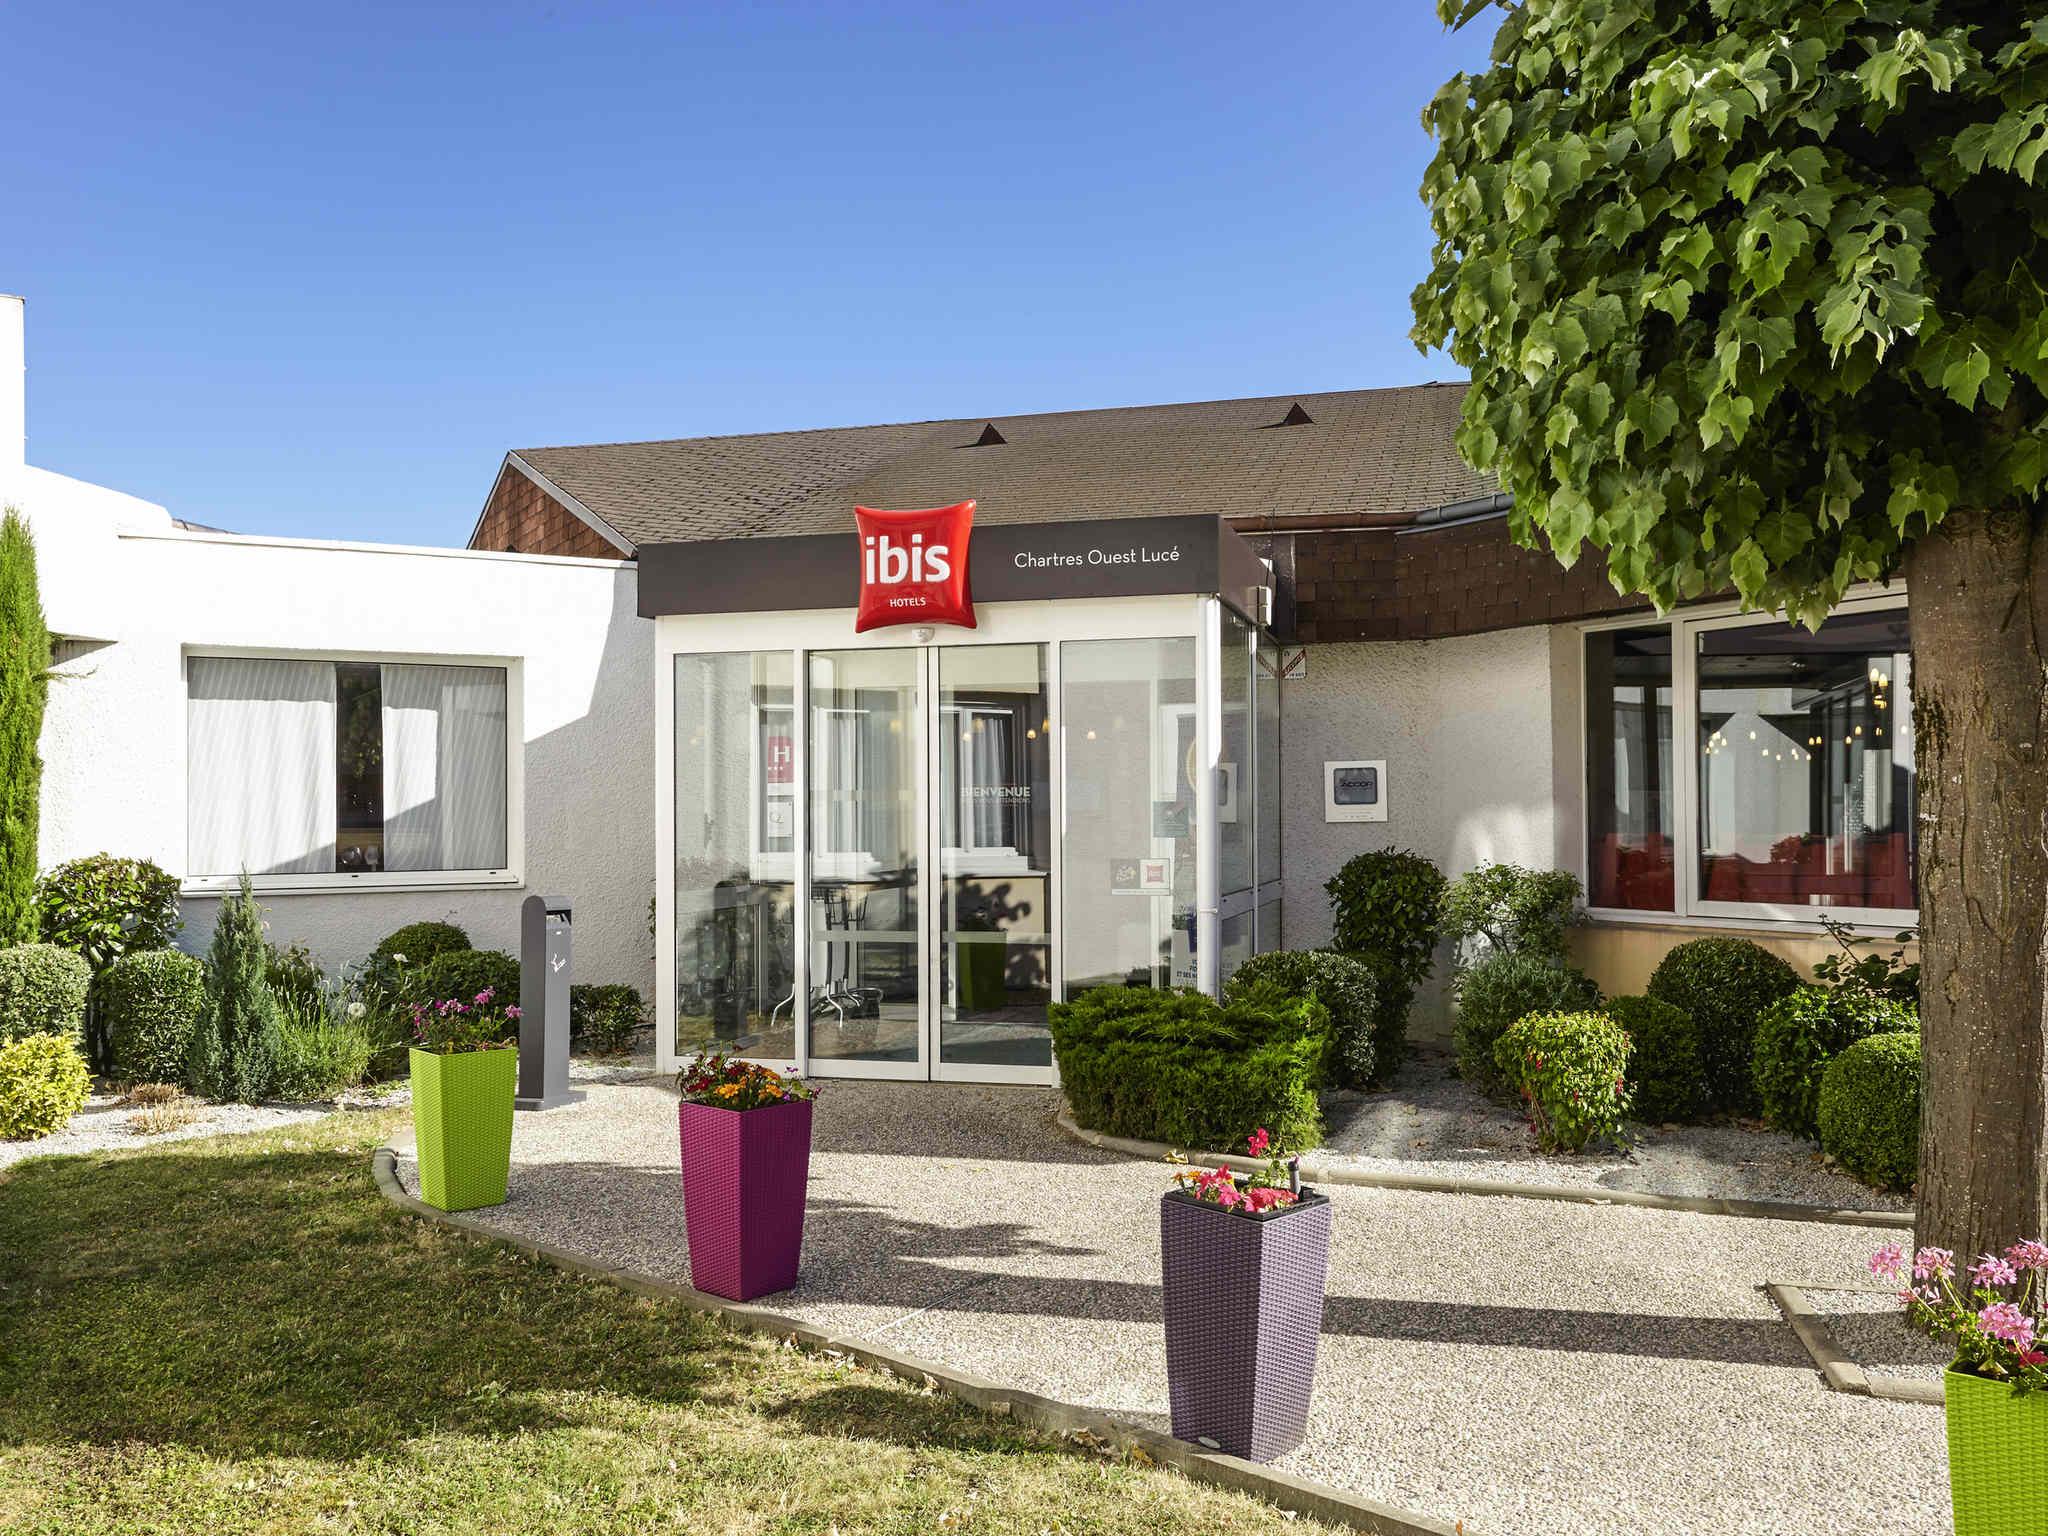 Hôtel - ibis Chartres Ouest Lucé